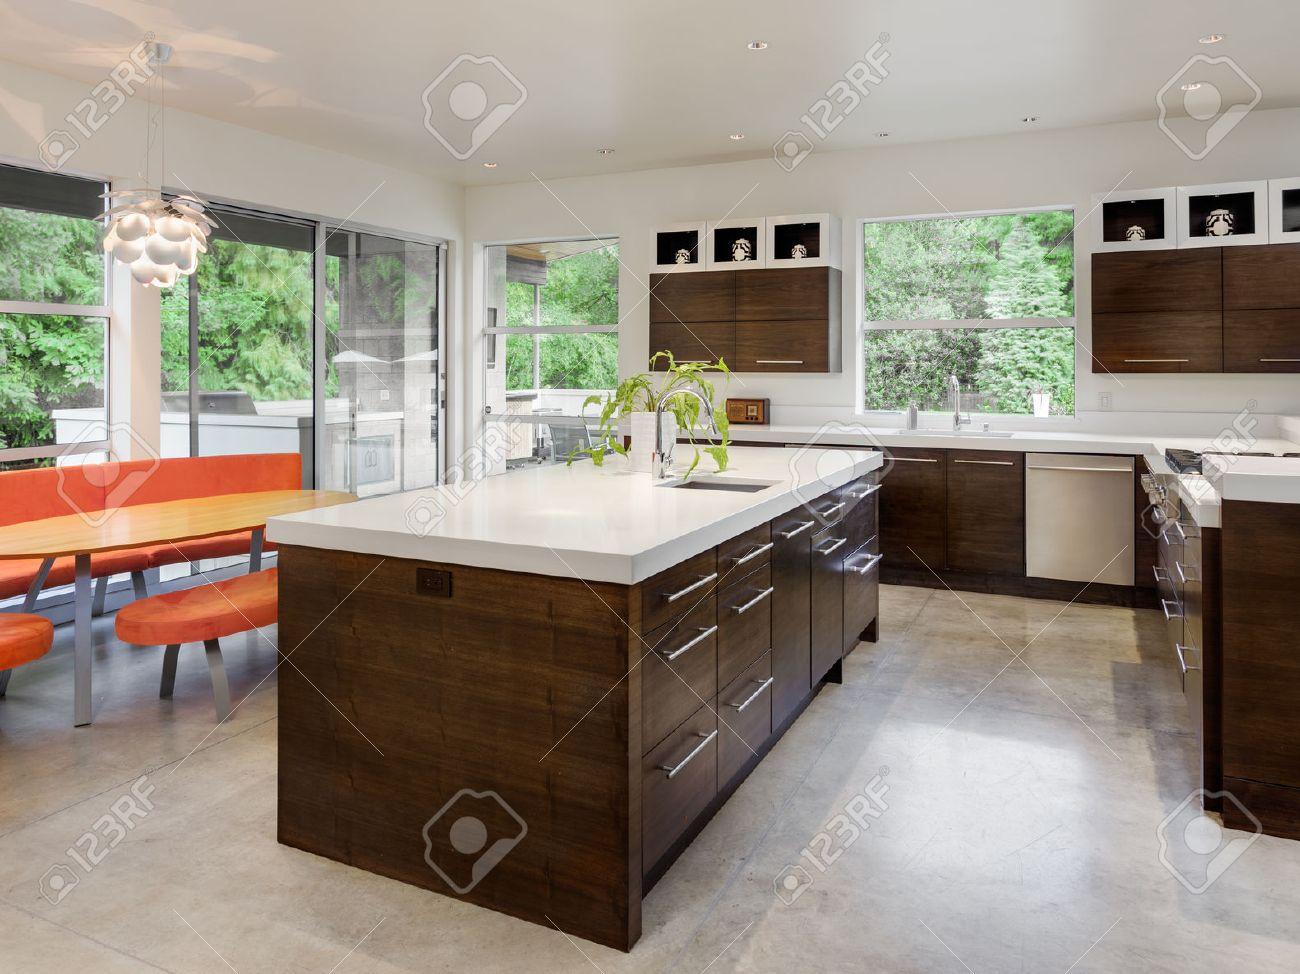 isola cucina cucina con isola lavandino armadi e tavolo da pranzo in nuova